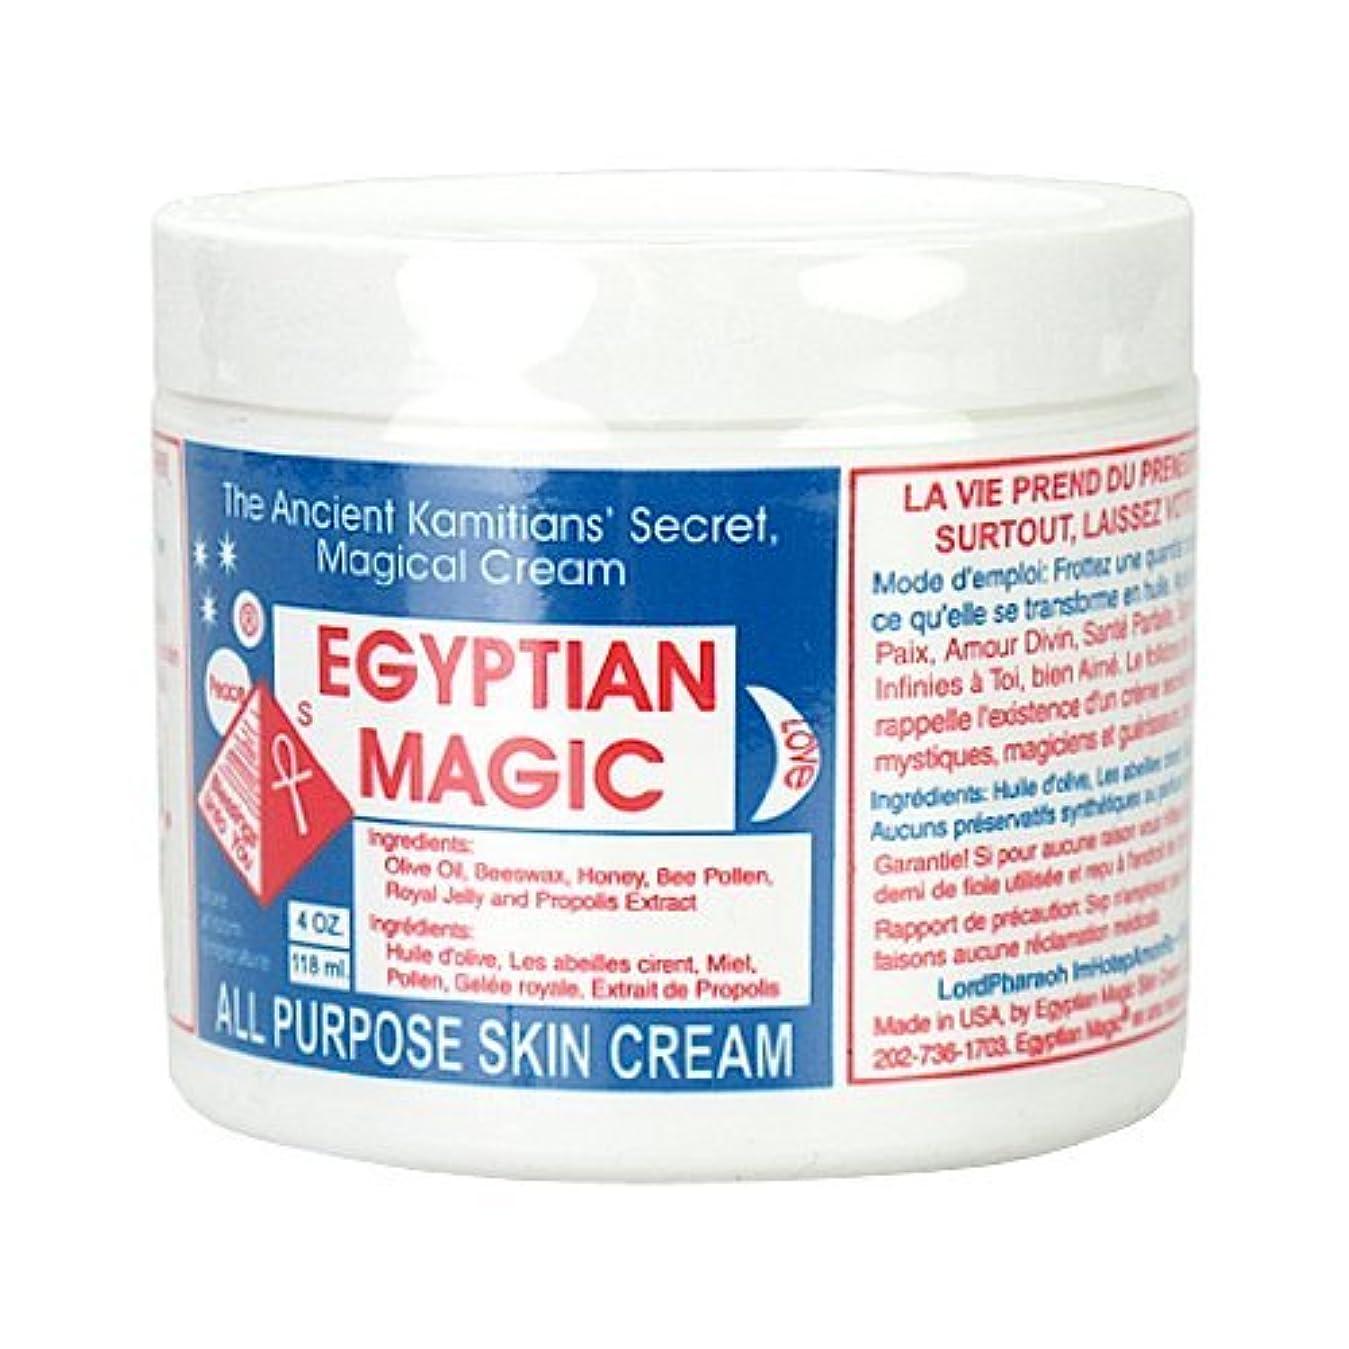 火傷条件付き議会エジプシャンマジック EGYPTIAN MAGIC エジプシャン マジック クリーム 118ml 保湿クリーム